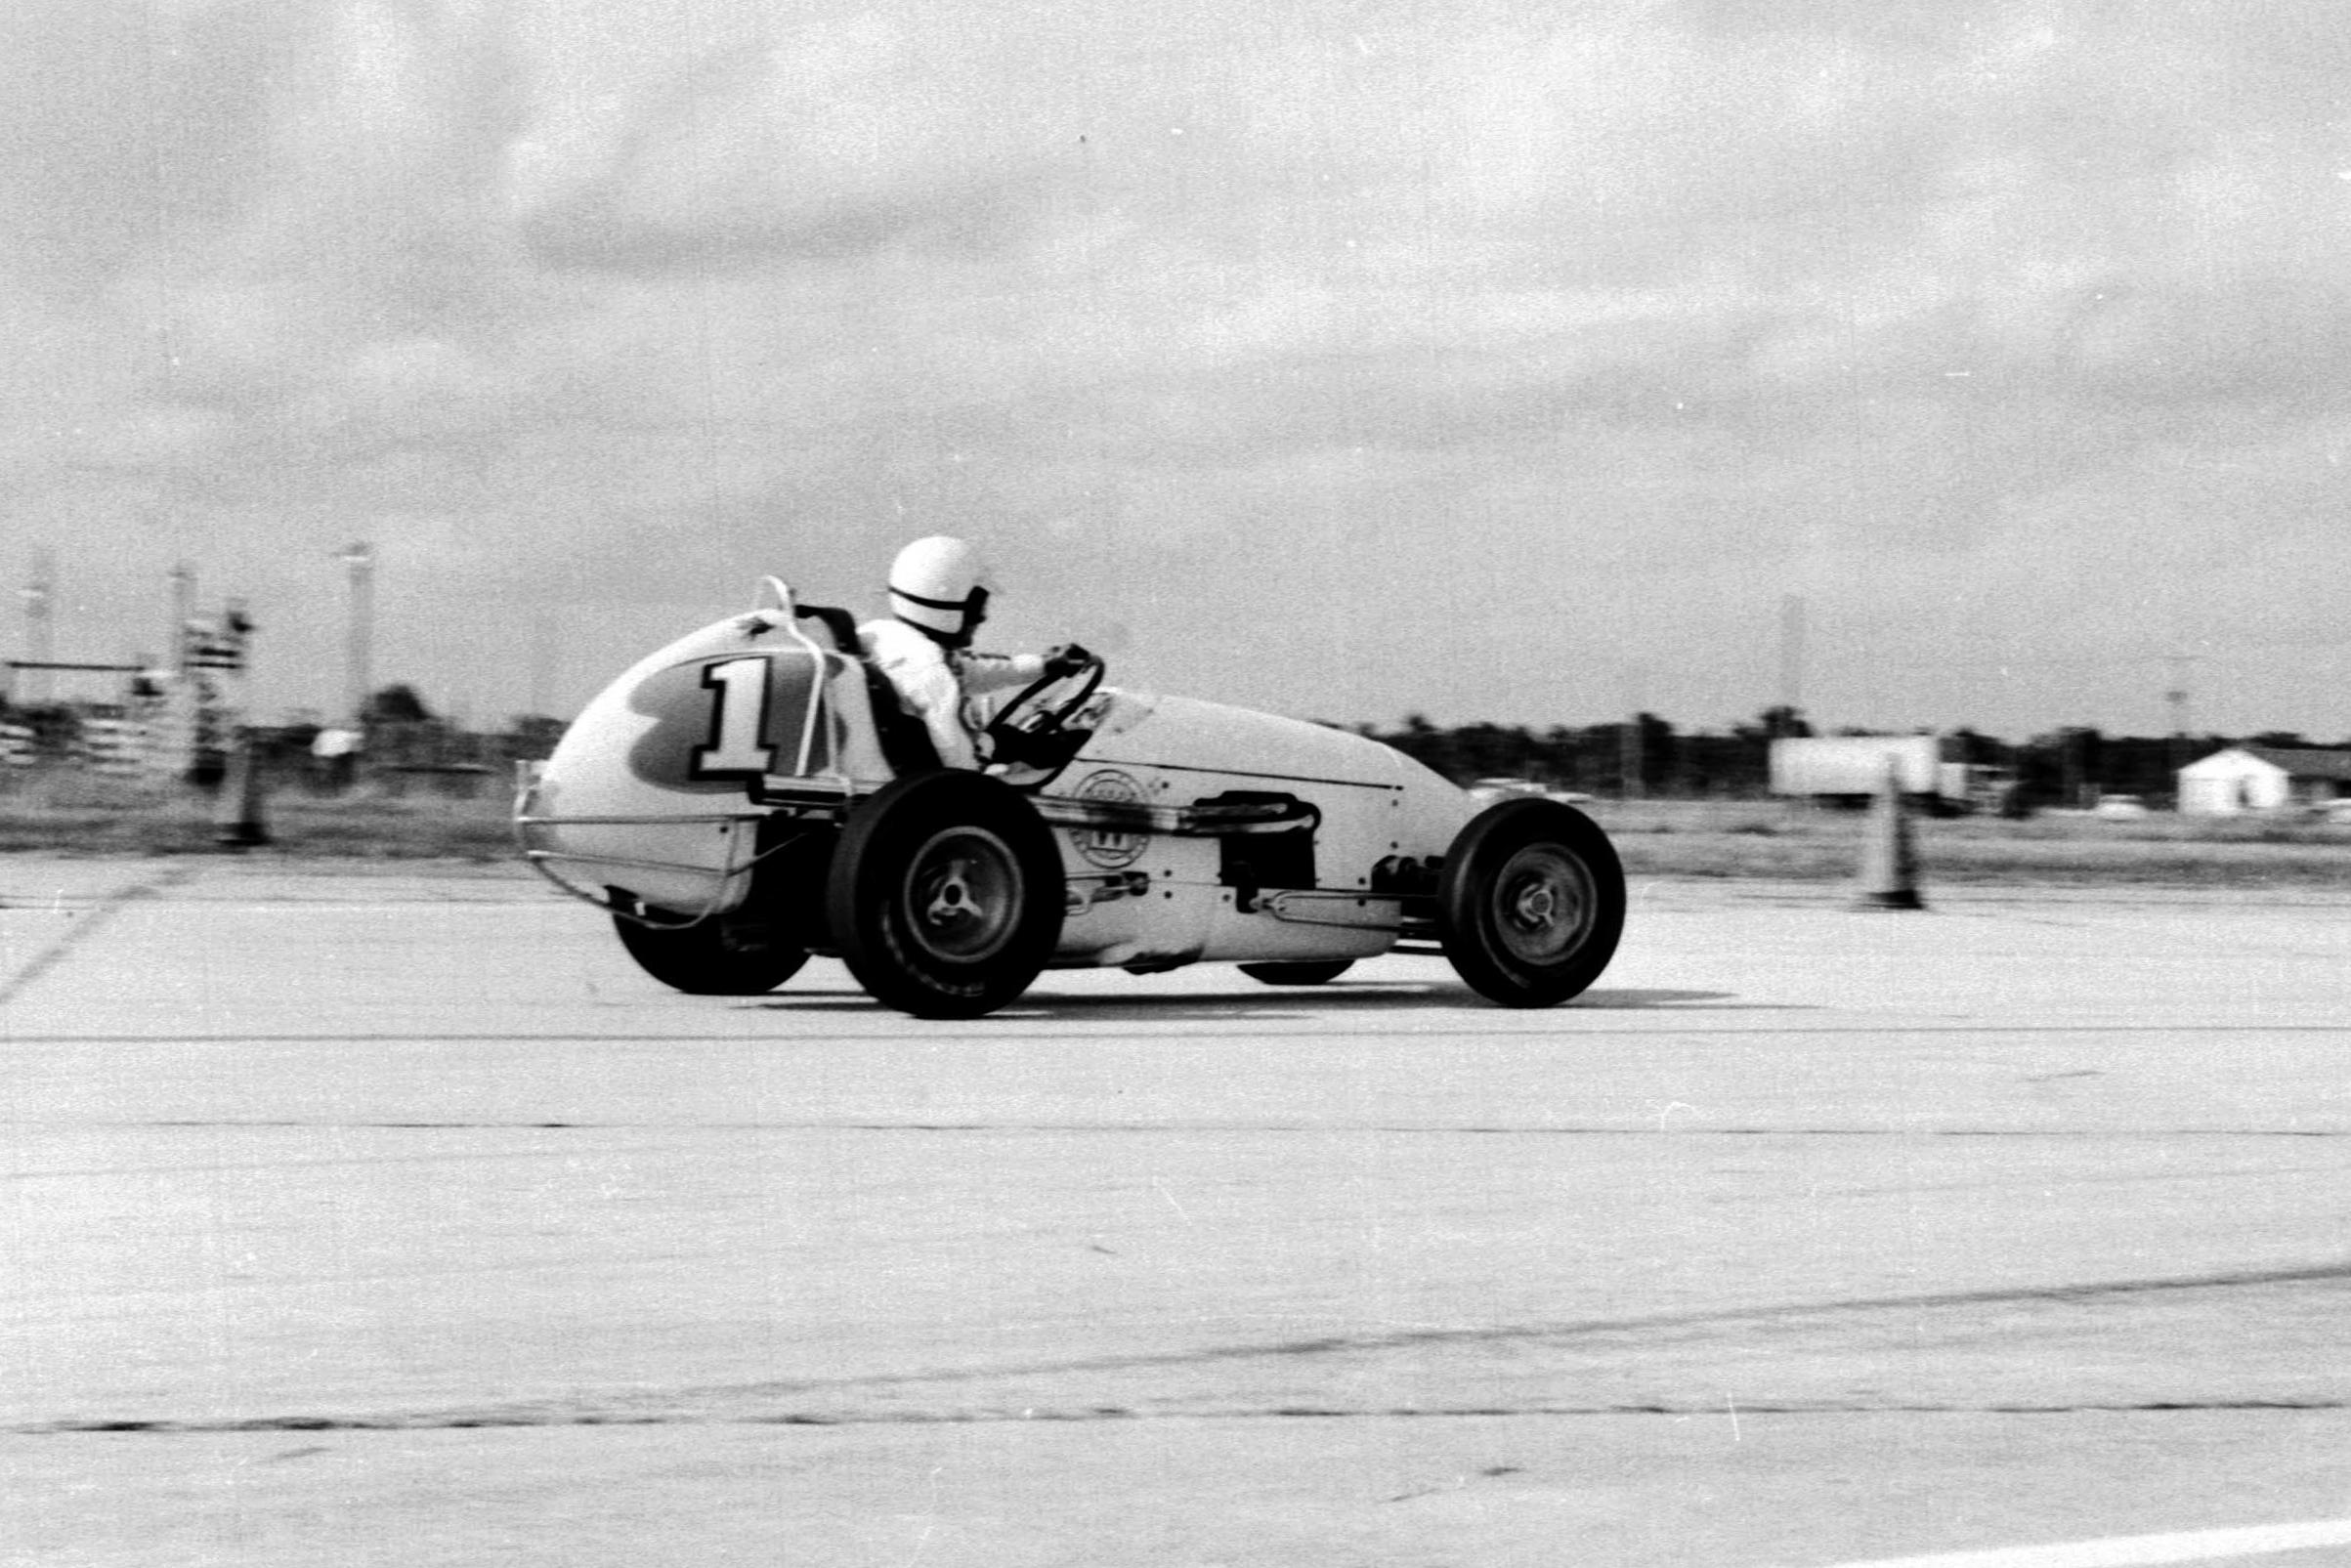 Rodger Ward pushing his Kurtis-Kraft Offenhauser.